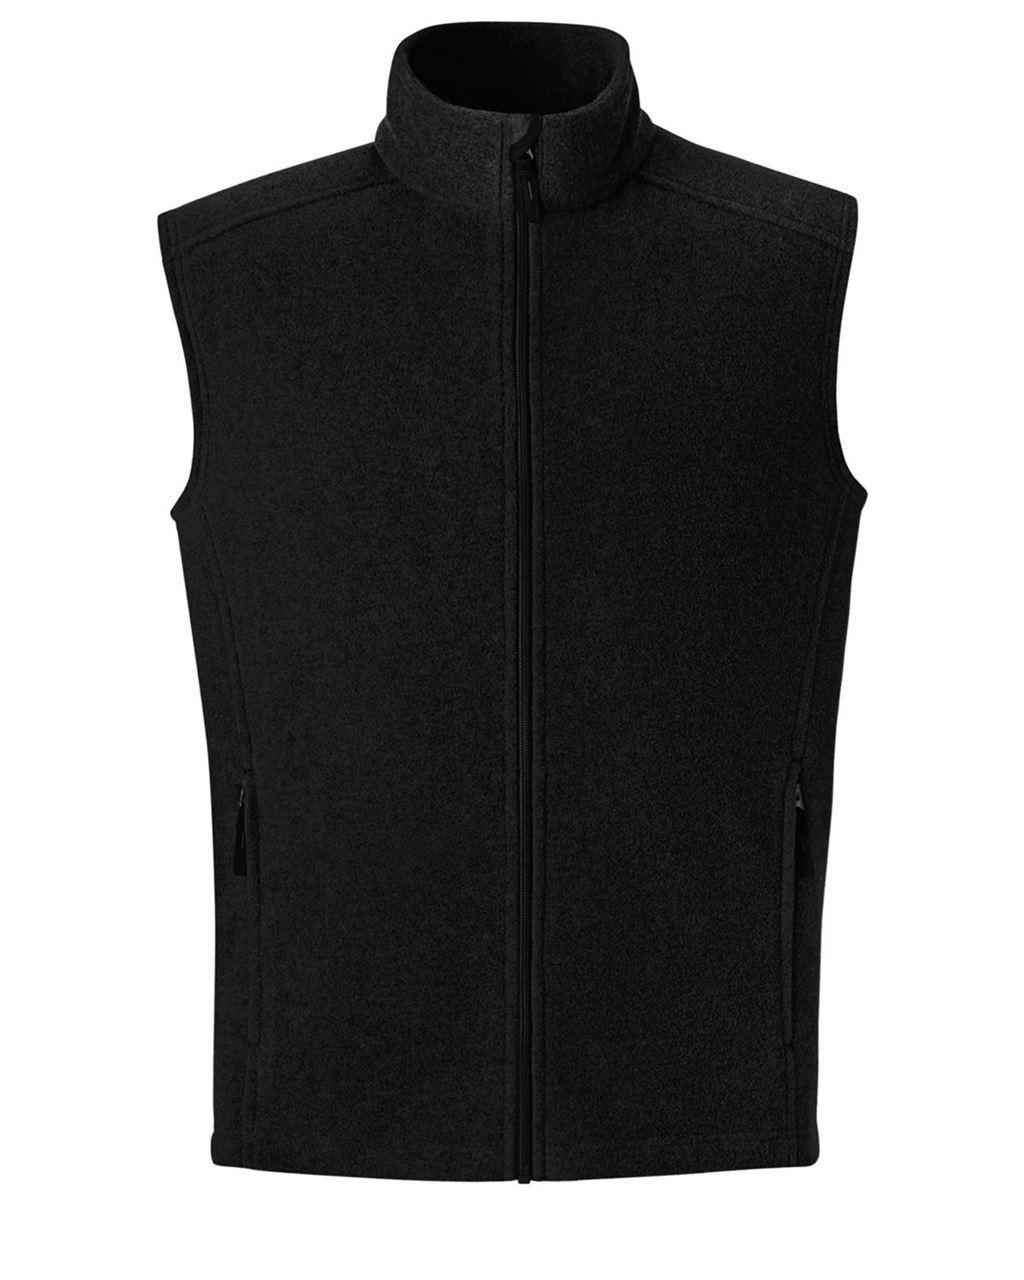 Picture of Core365 Men's Fleece Vests